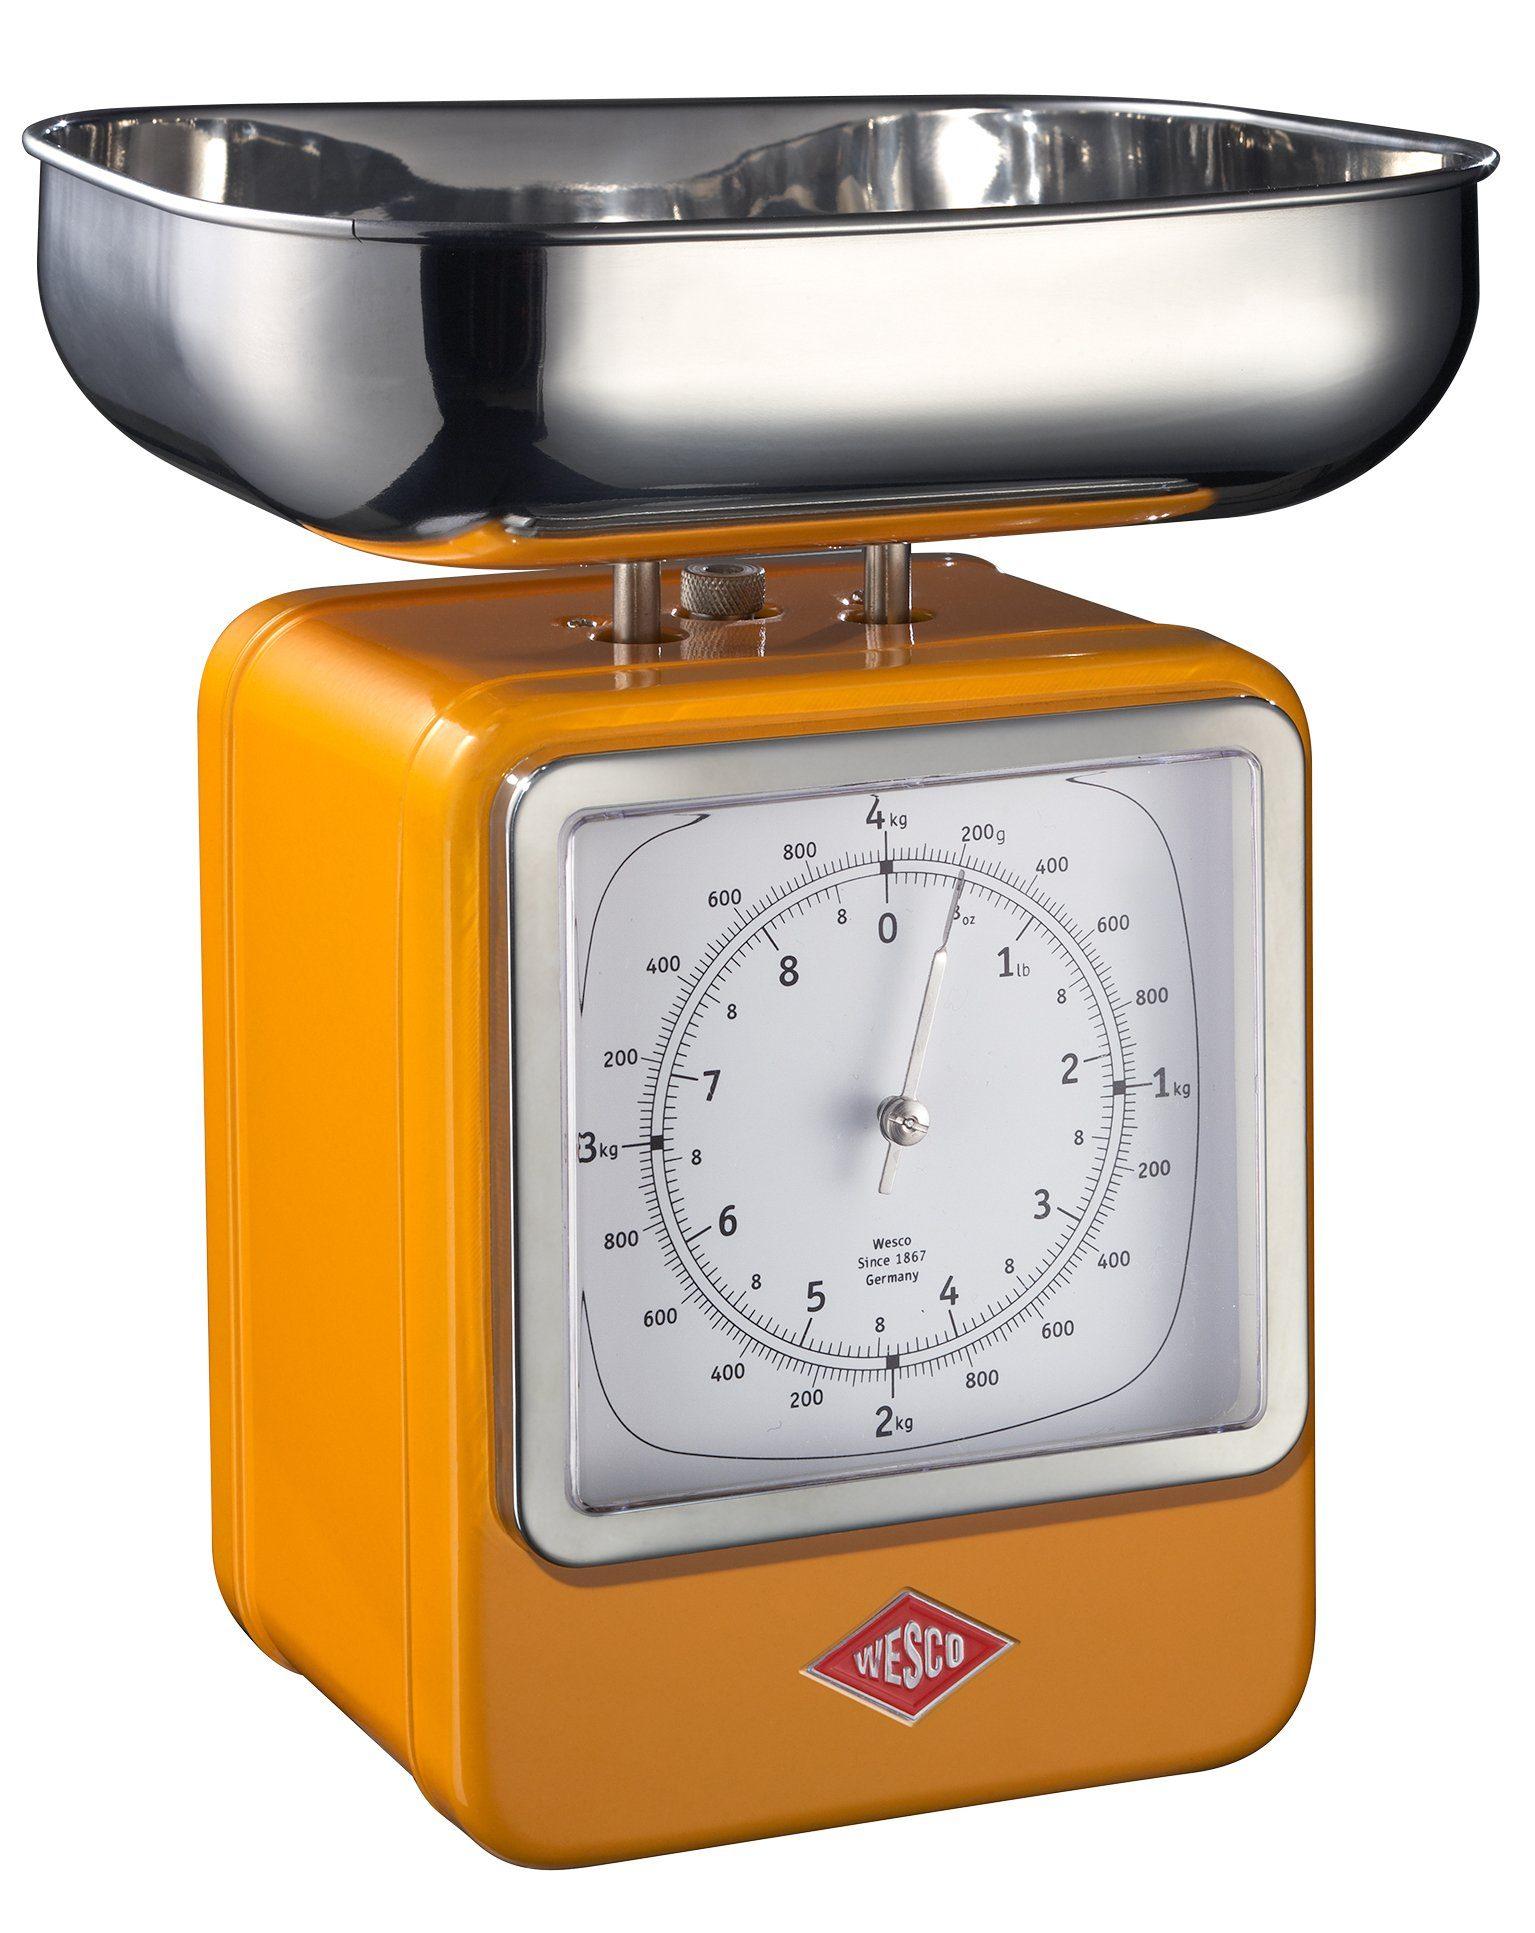 Wesco Küchenwaage | Küche und Esszimmer > Küchengeräte > Küchenwaagen | Orange | Edelstahl | Wesco